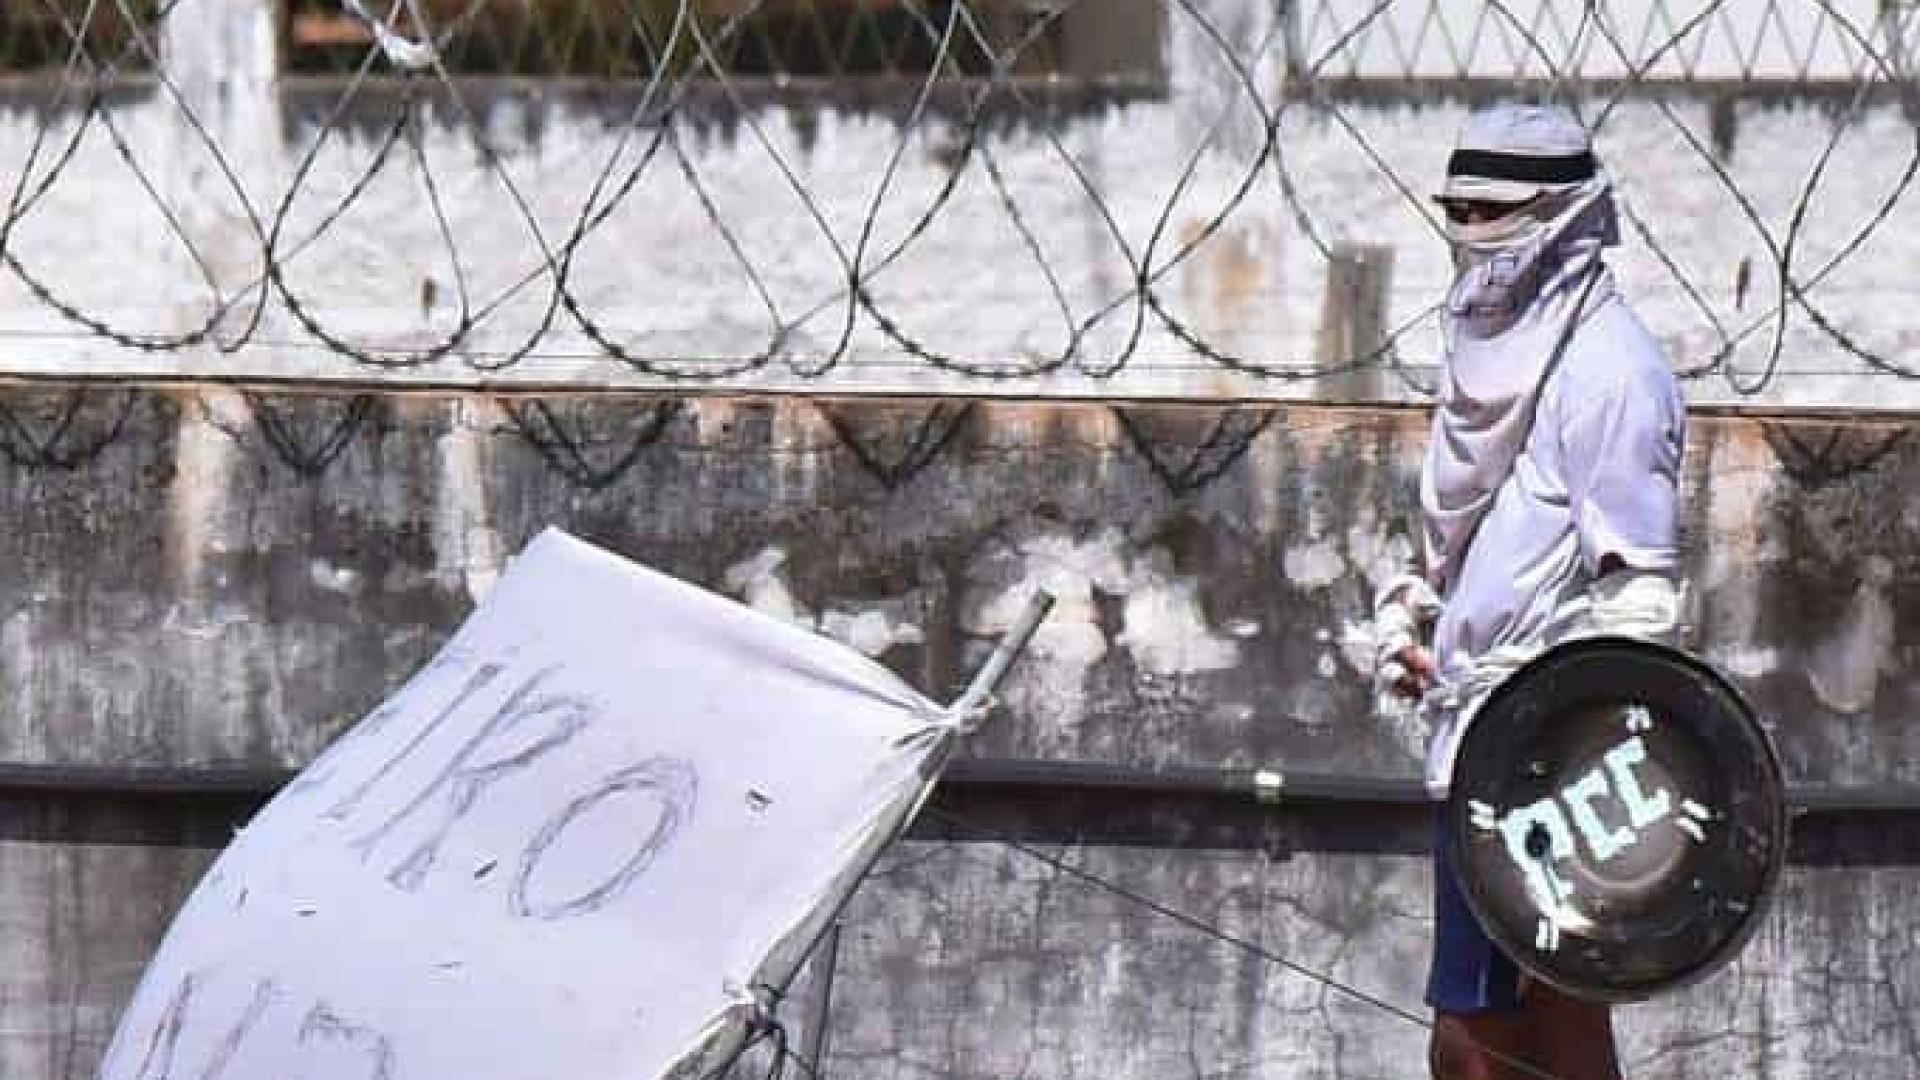 Membros do PCC são presos após fuga de presídio